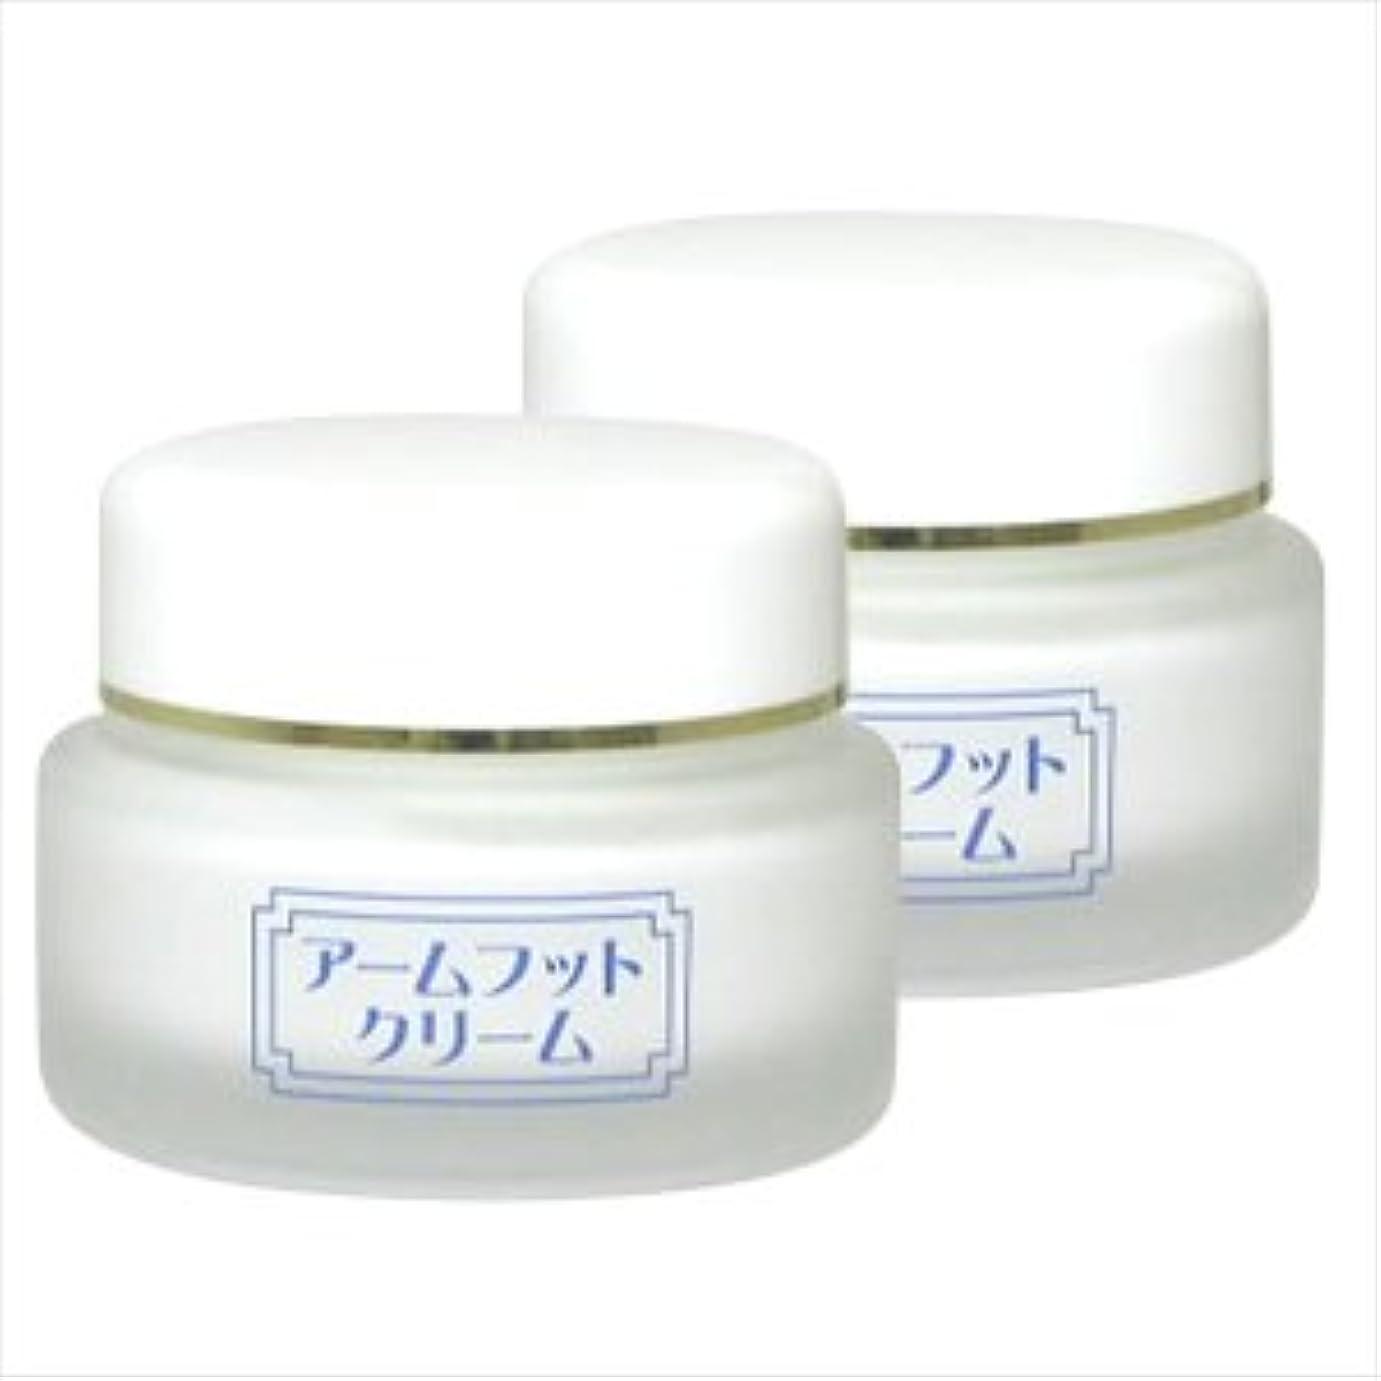 シャーク織機降ろす薬用デオドラントクリーム アームフットクリーム(20g) (2個セット)